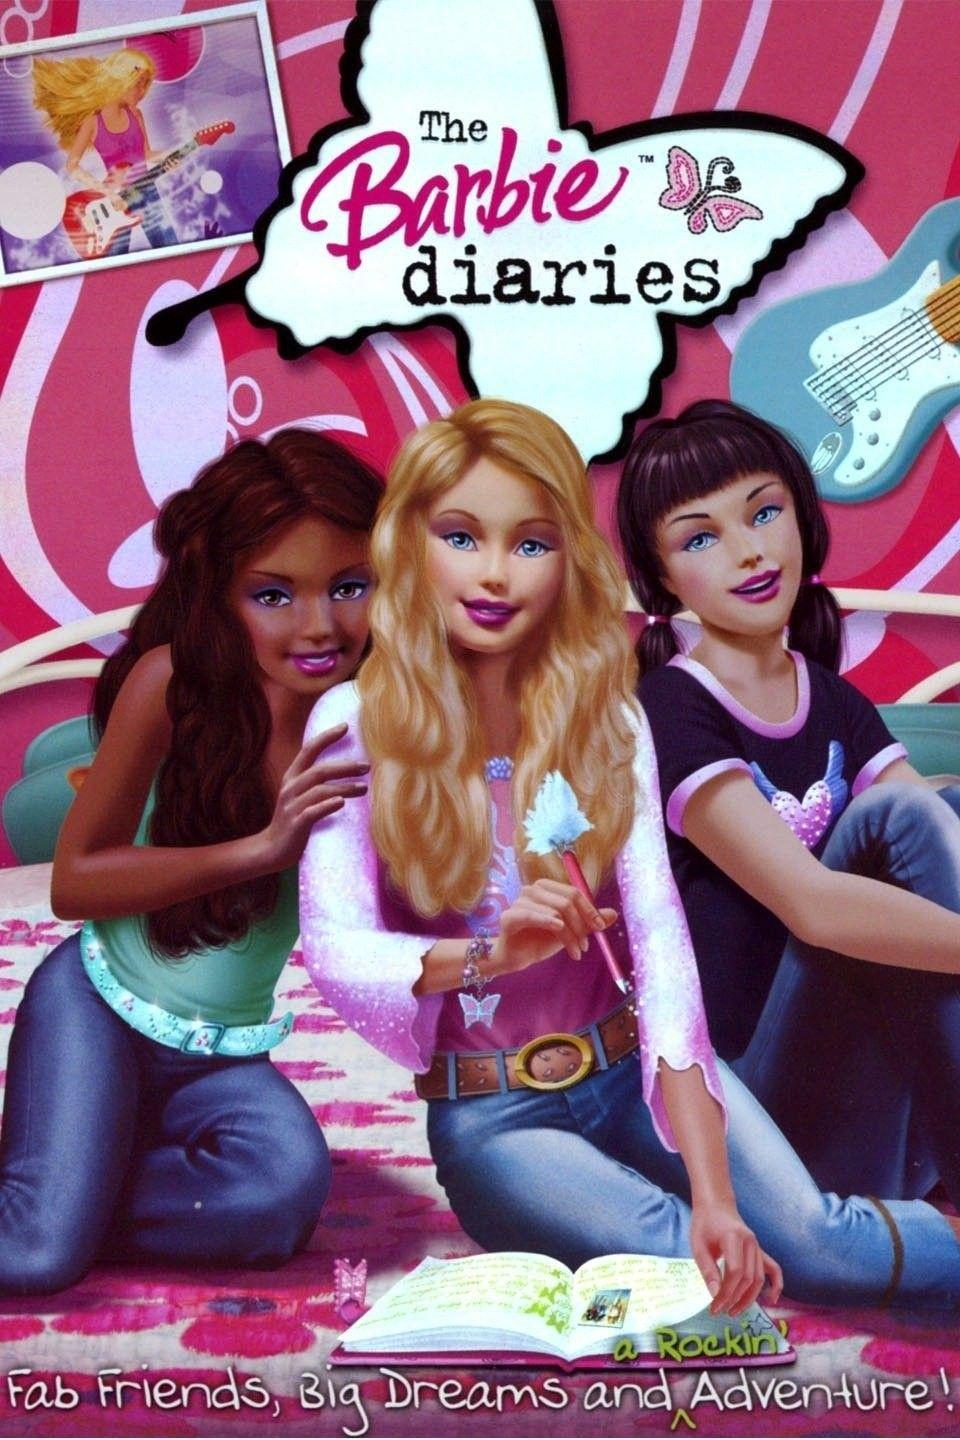 Pin By Kyahphotos On Barbie Peliculas Barbie Barbie Movies Barbie Princess